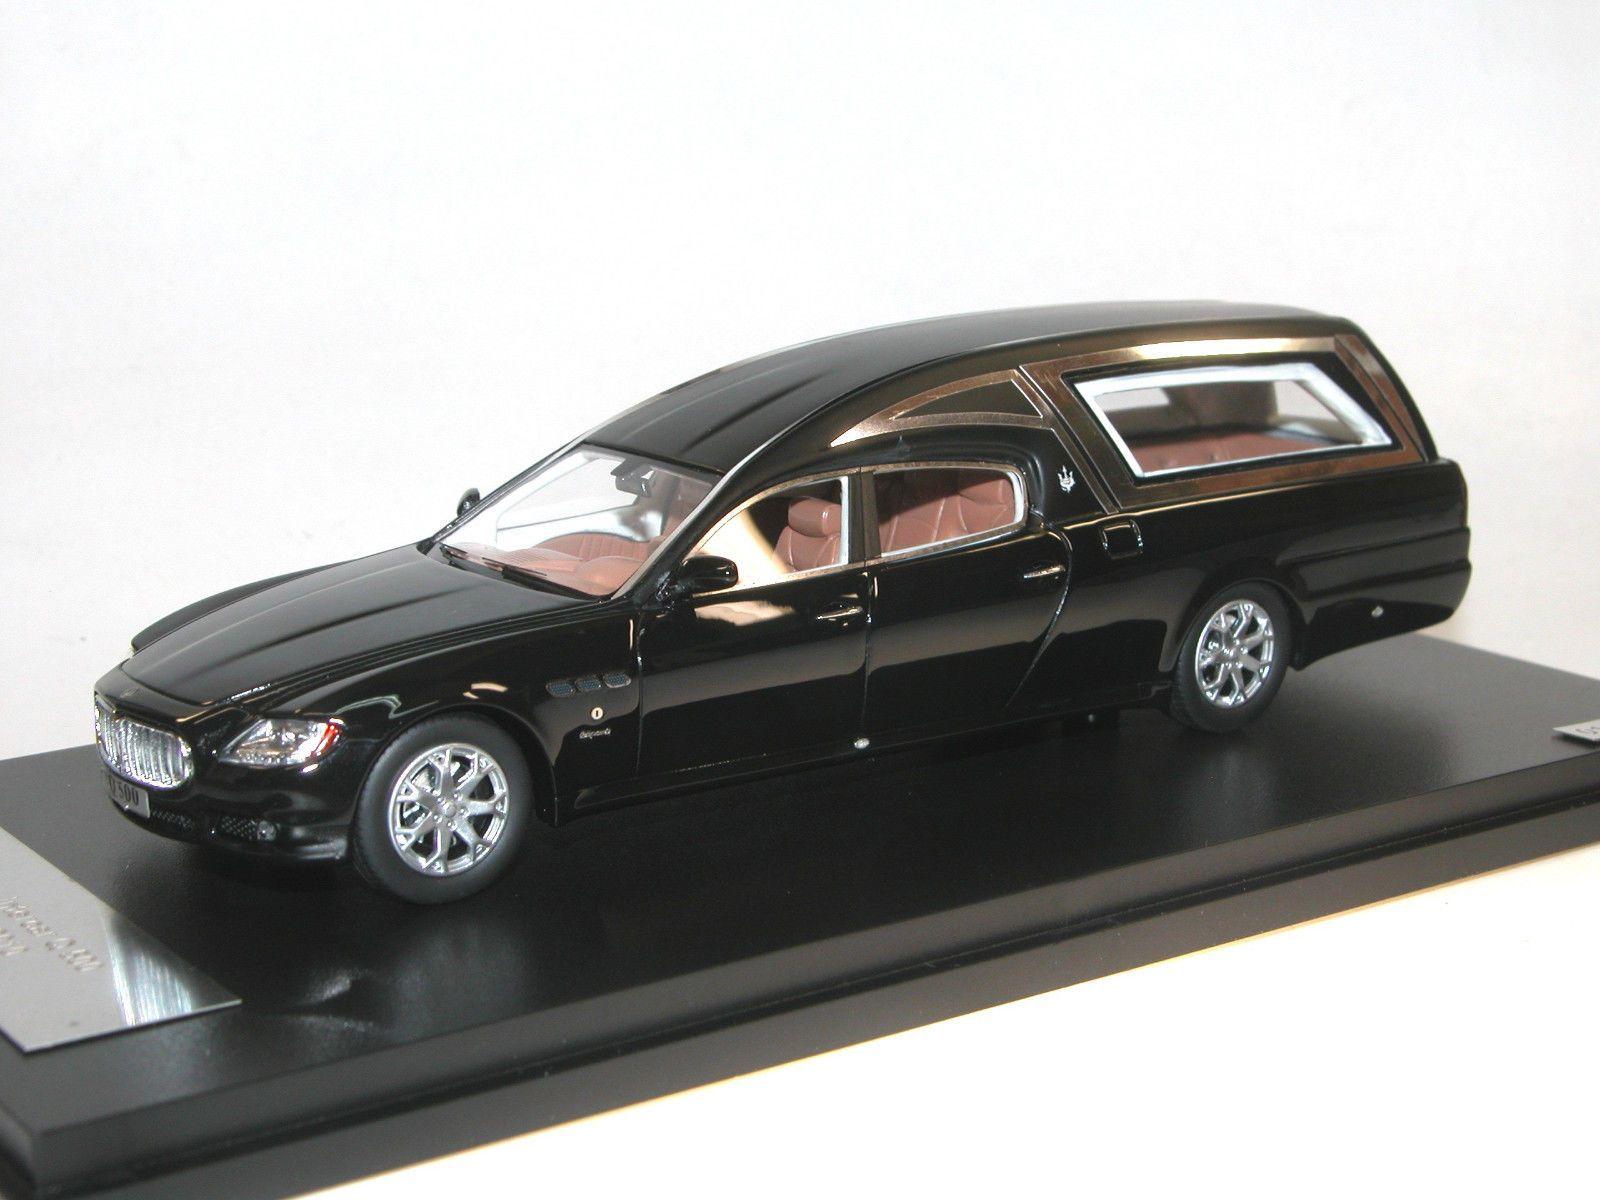 Glm 217001 2010 Intercar Q 500 Maserati Quattroporte Hearse